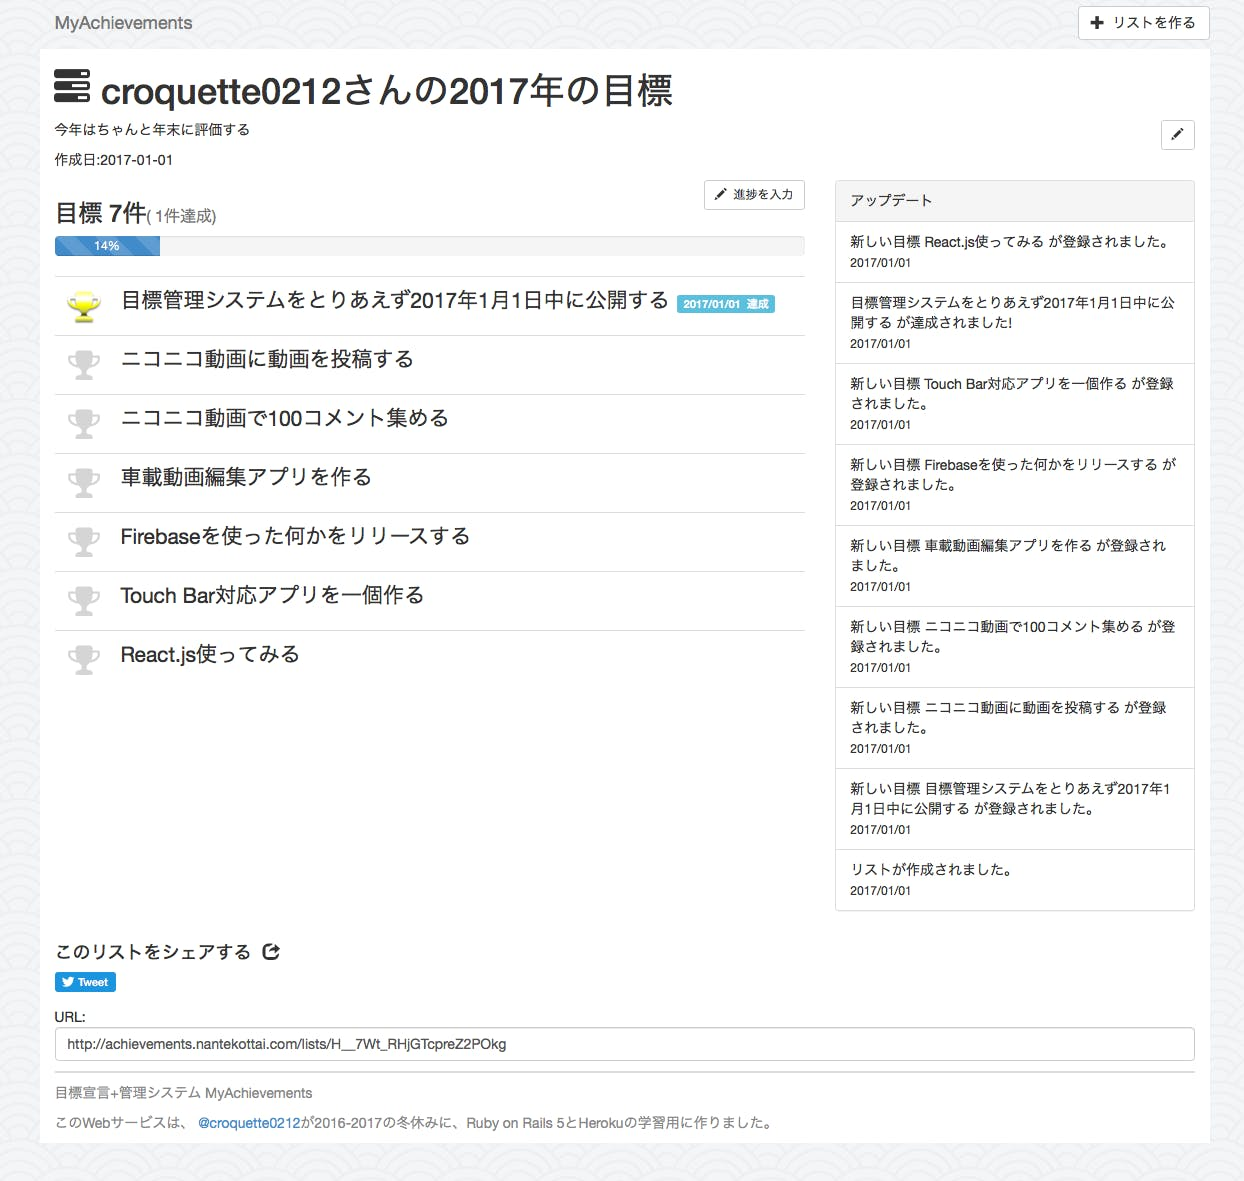 スクリーンショット 2017-01-02 15.18.23.png